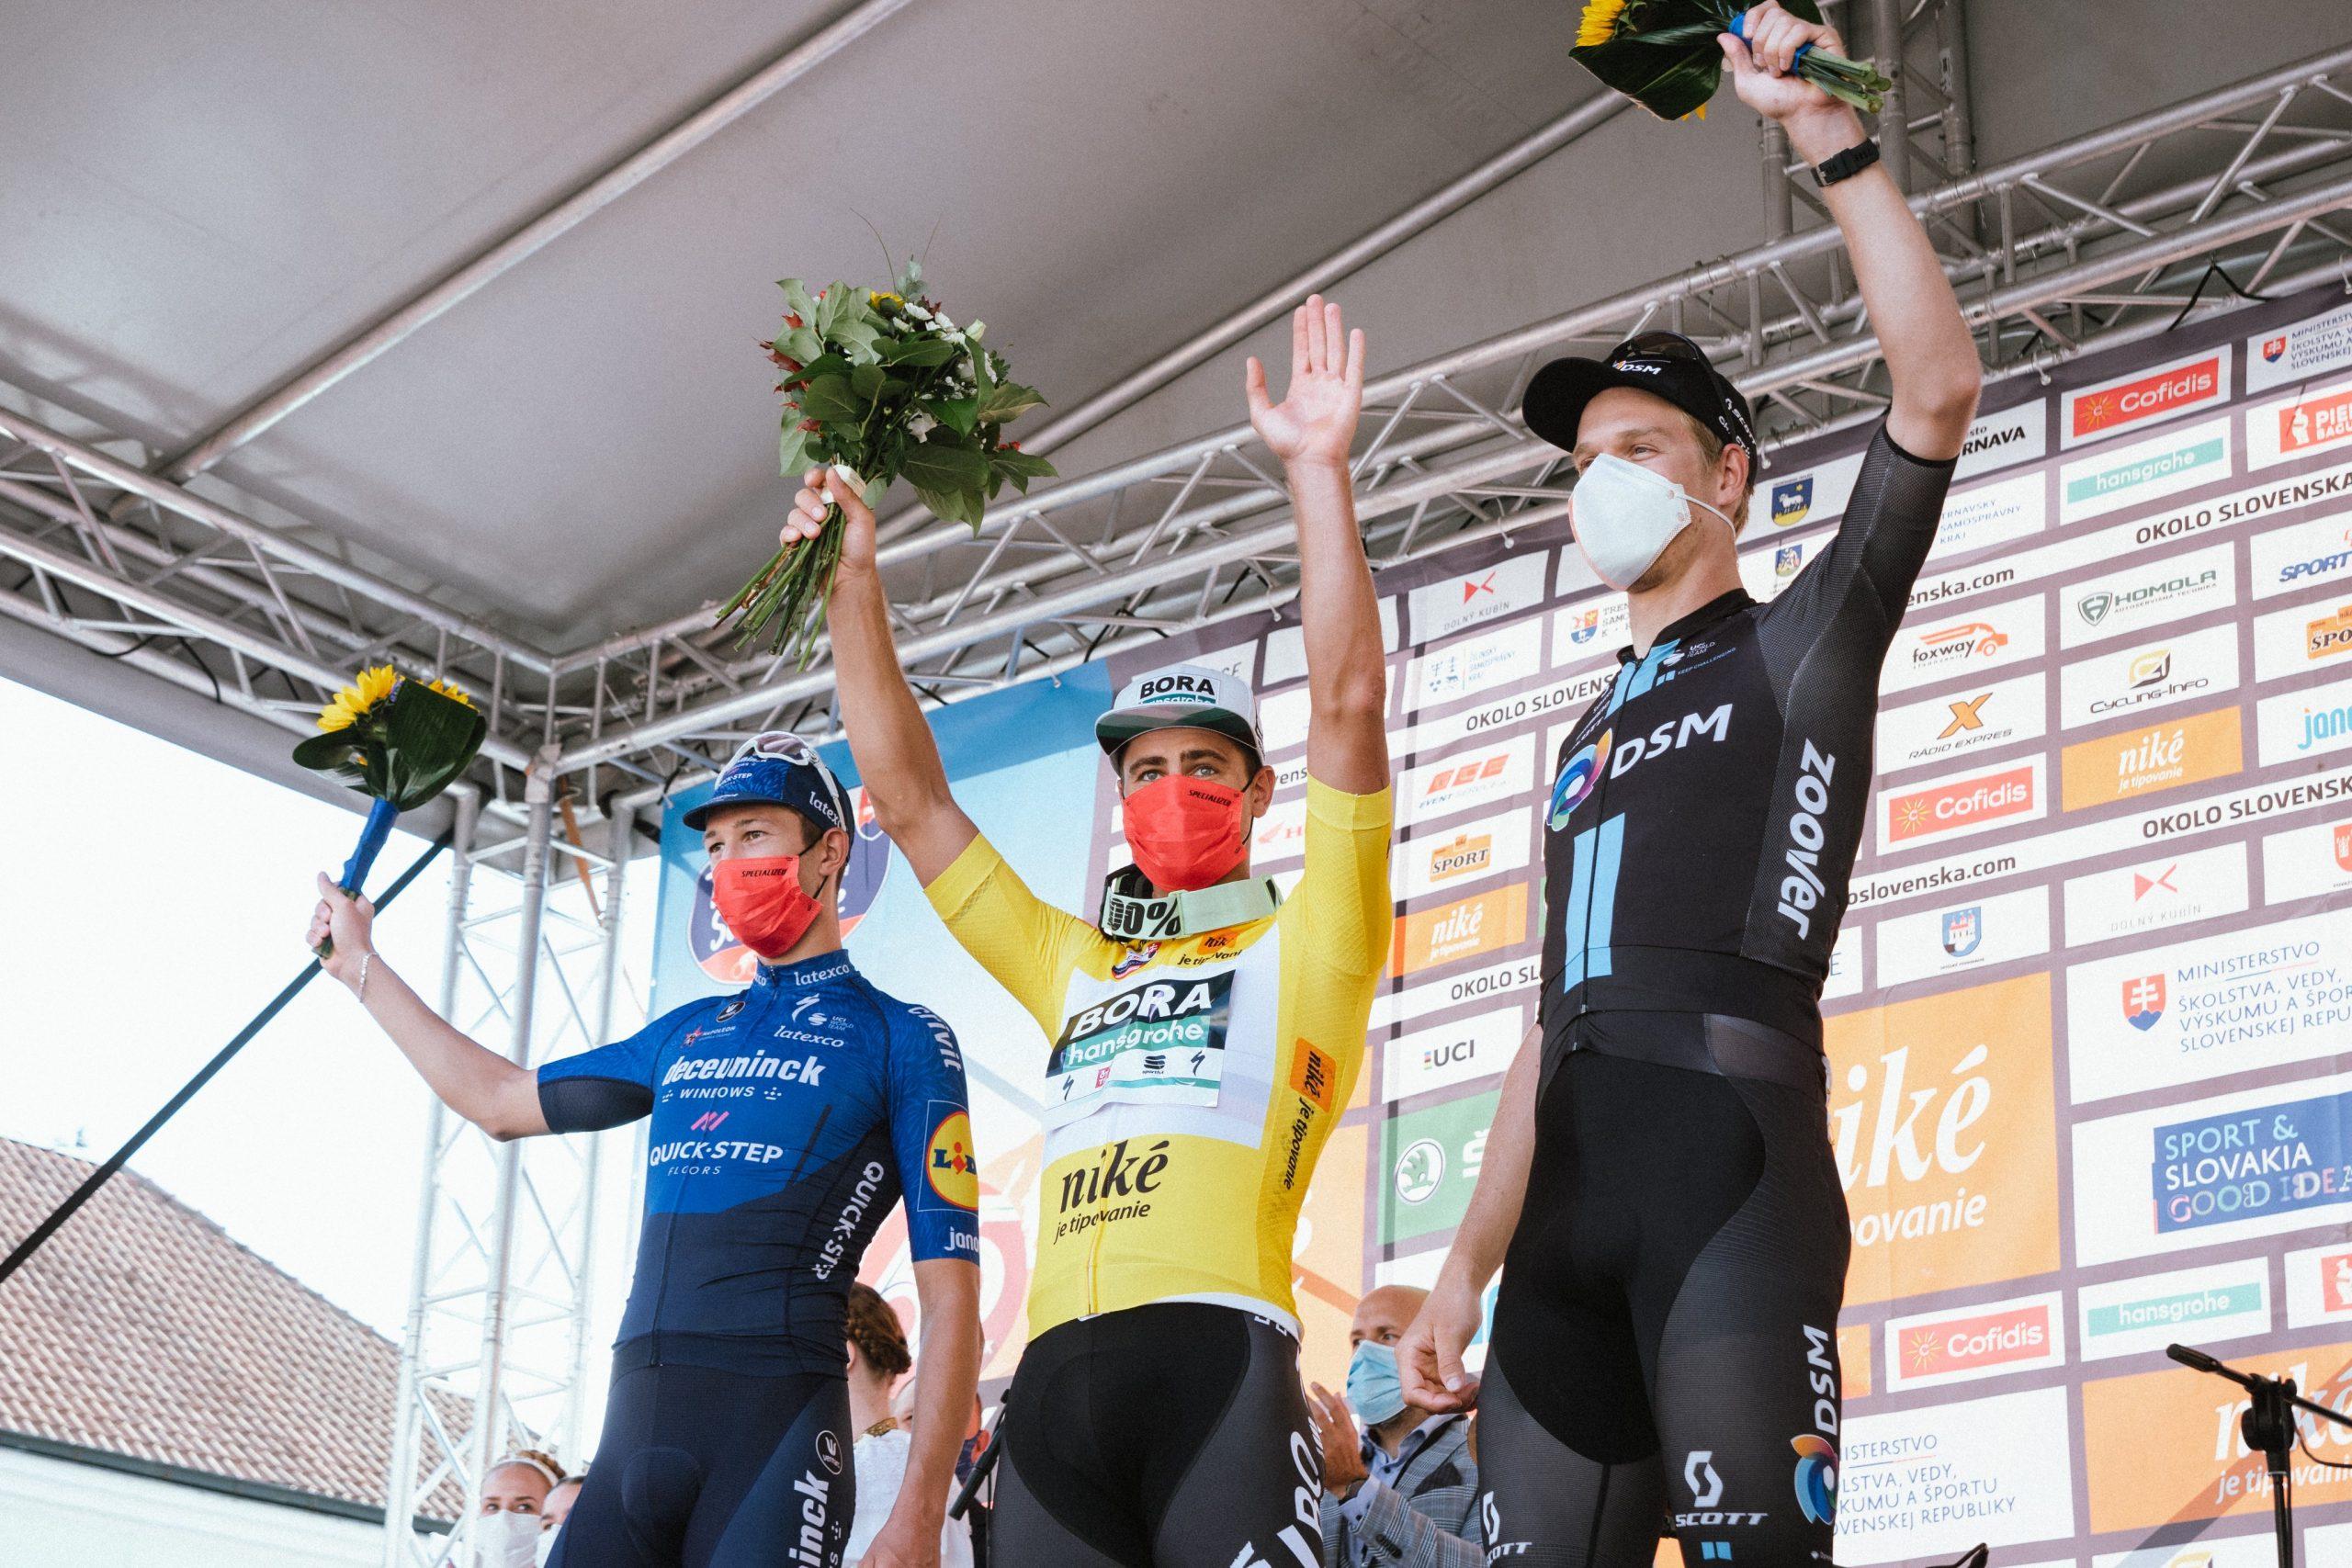 Sagan vence Okolo Slovenska, mas é batido por Itamar Einhorn na etapa final!